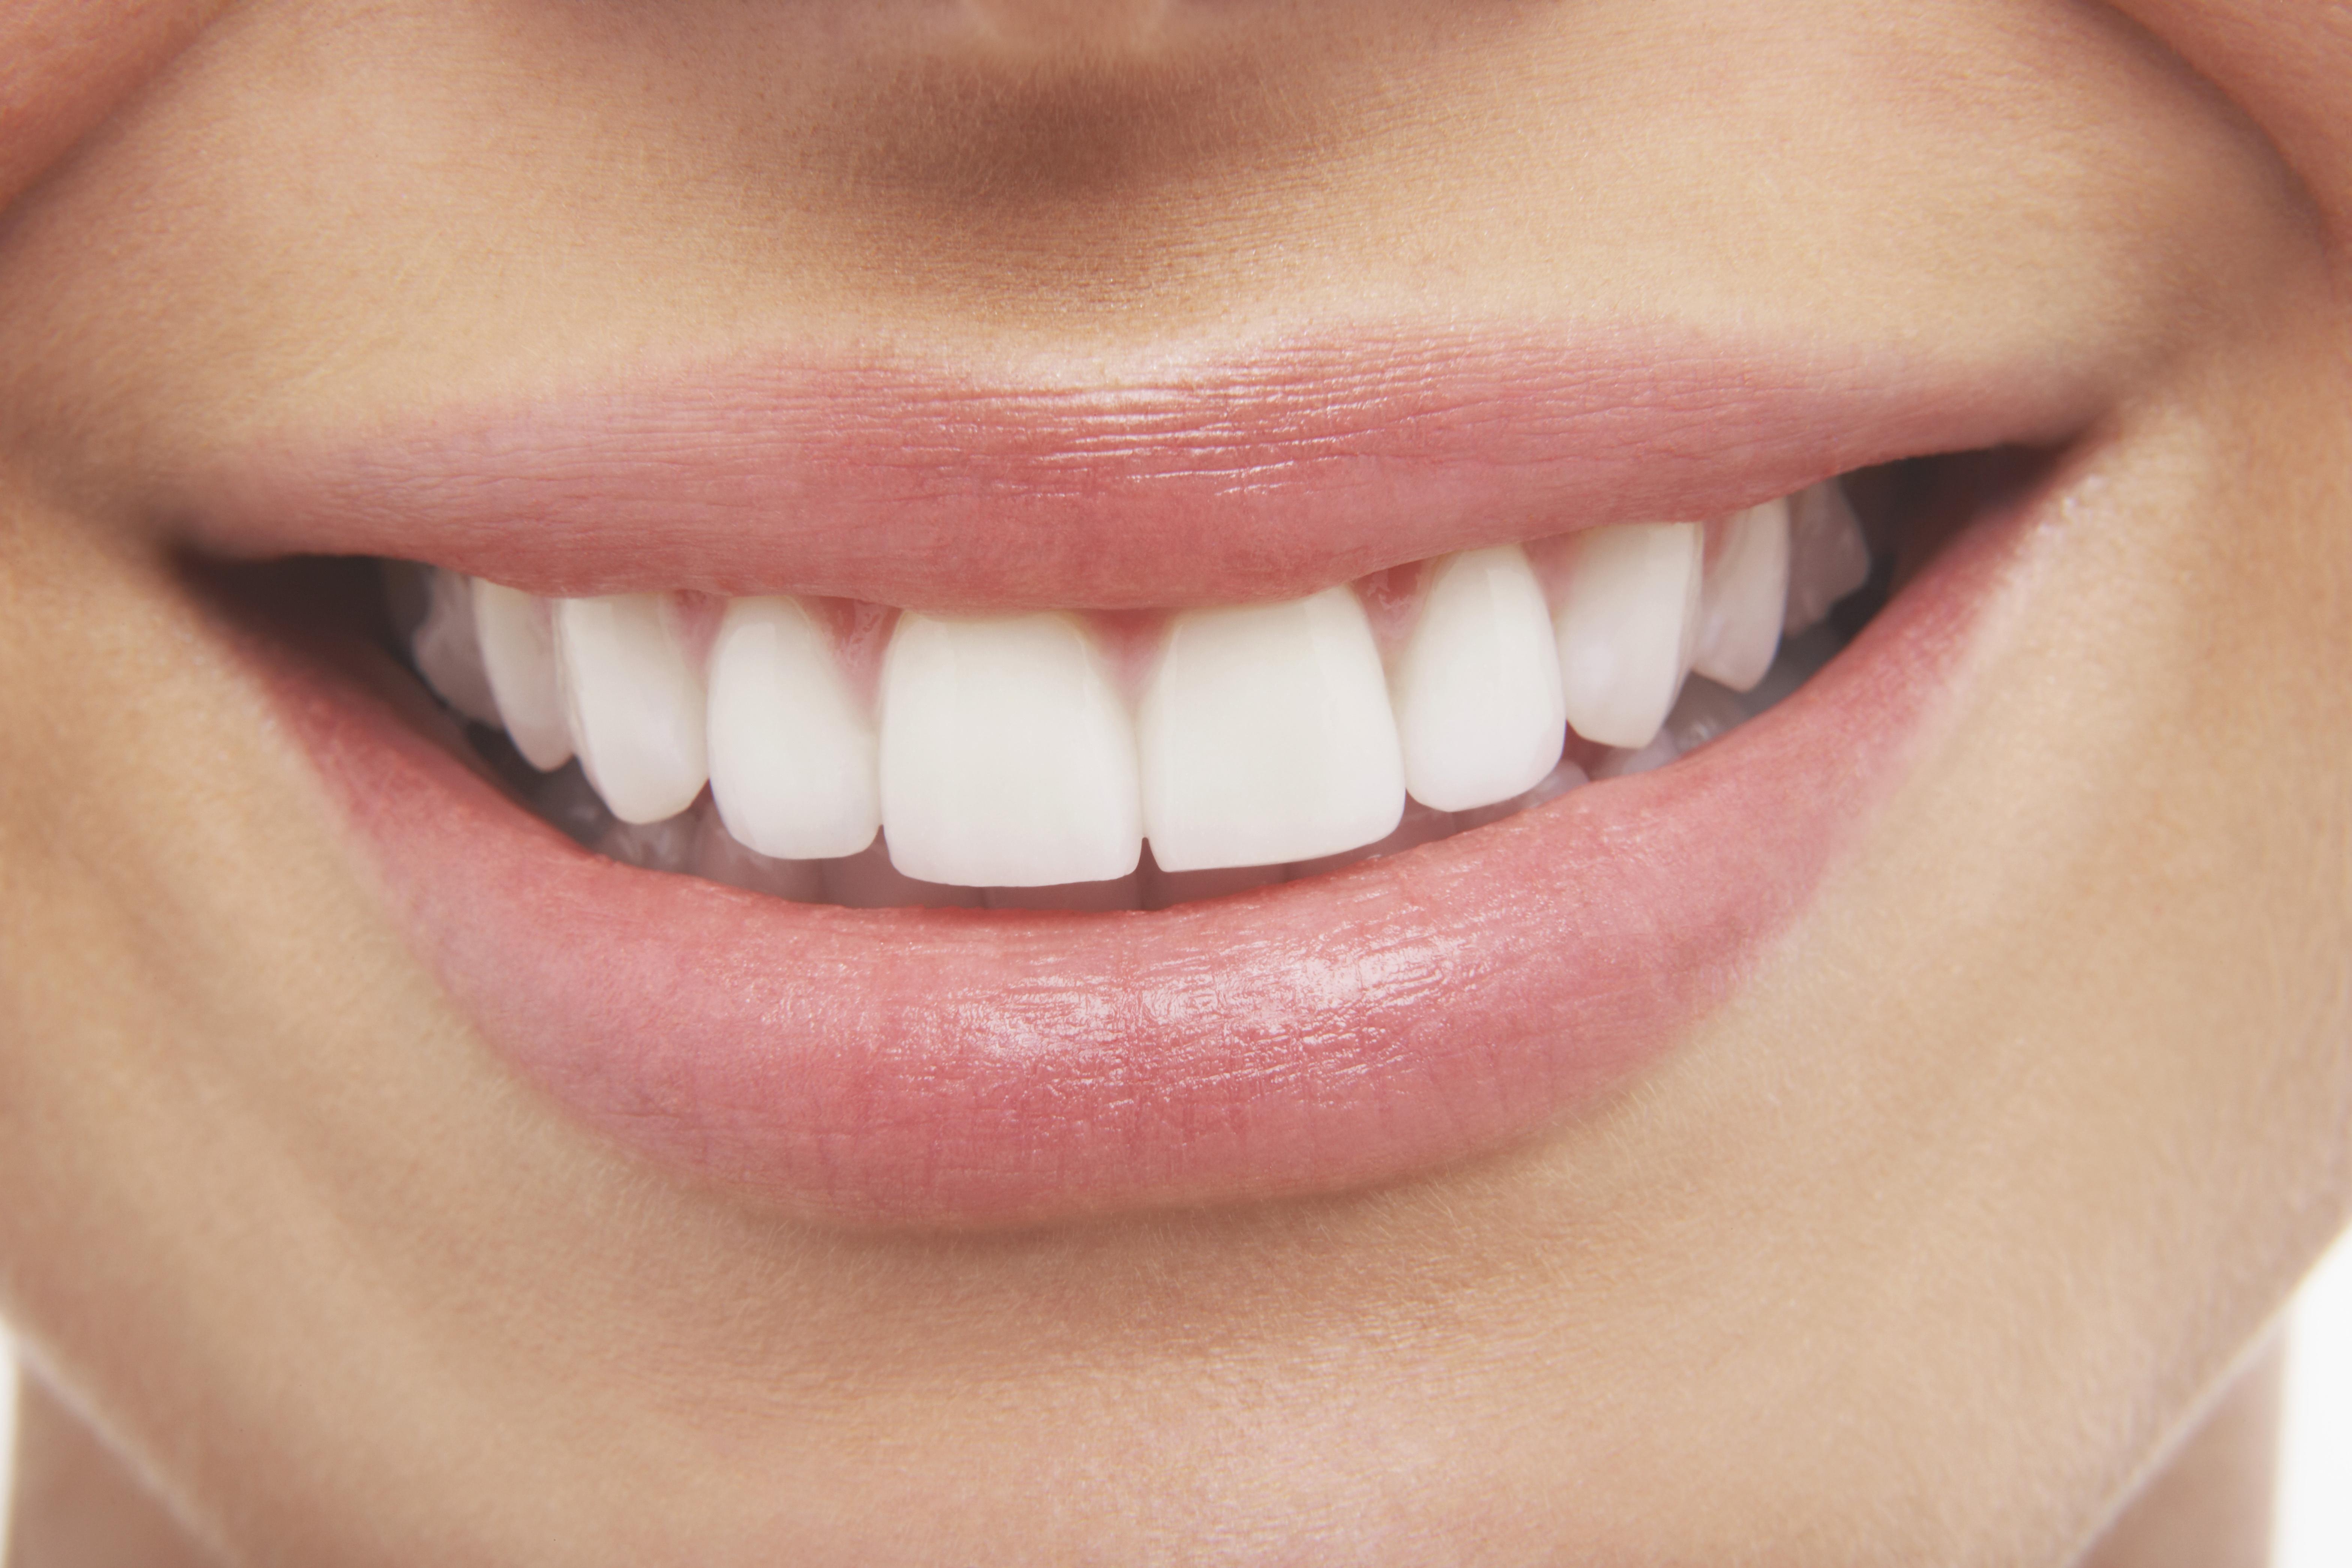 estetisk tandvård göteborg